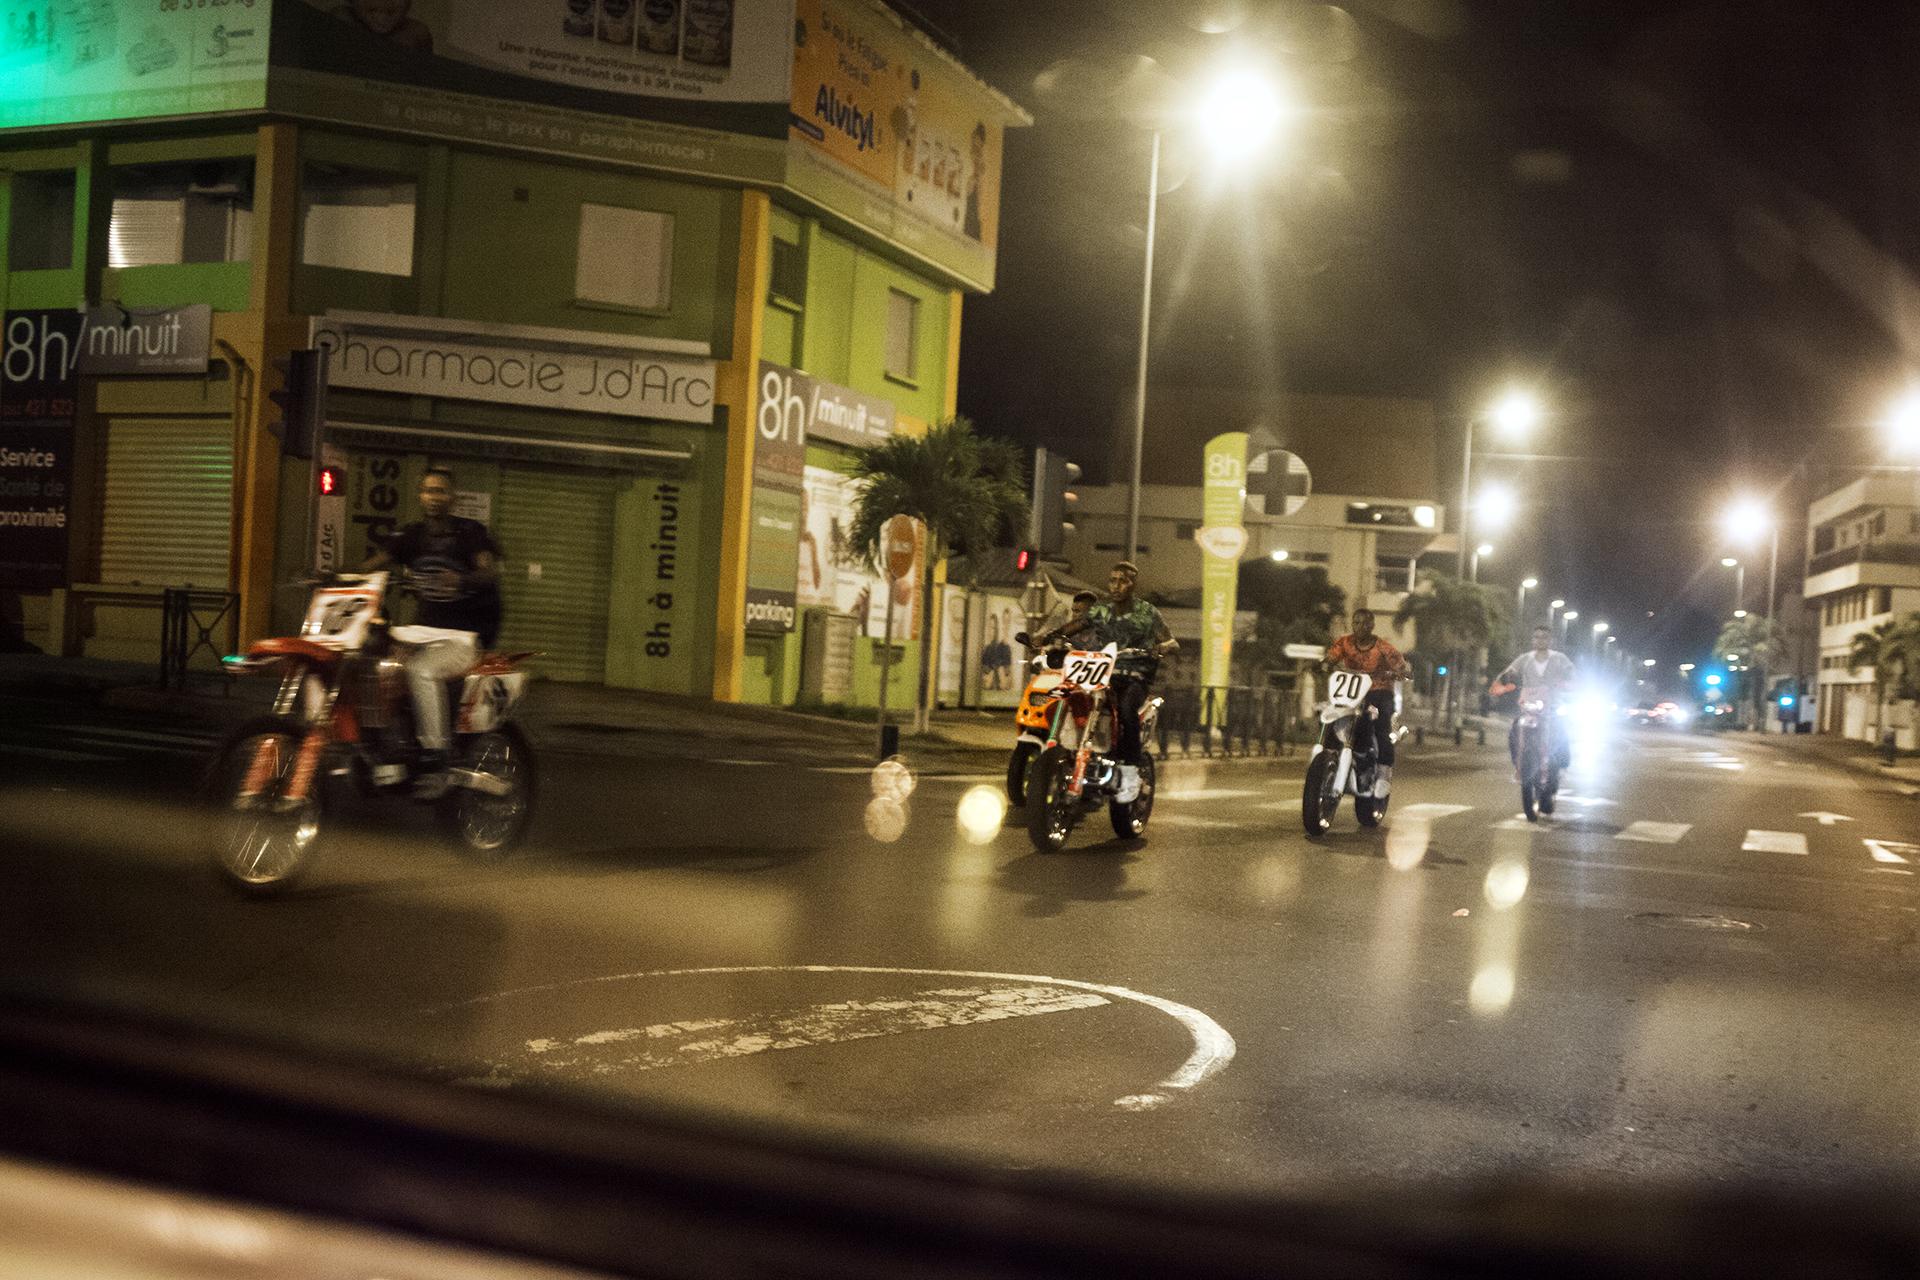 Les jeunes du Port commencent à tourner à moto dans toute la ville. C'est une tradition ici, vieille de plus de 20 ans. Le soir de Noël et du 31 décembre, les jeunes et certains anciens défilent à moto dans toute la ville et au sont des klaxons. Ces rassemblements ne sont pas bien vus par les autorités.